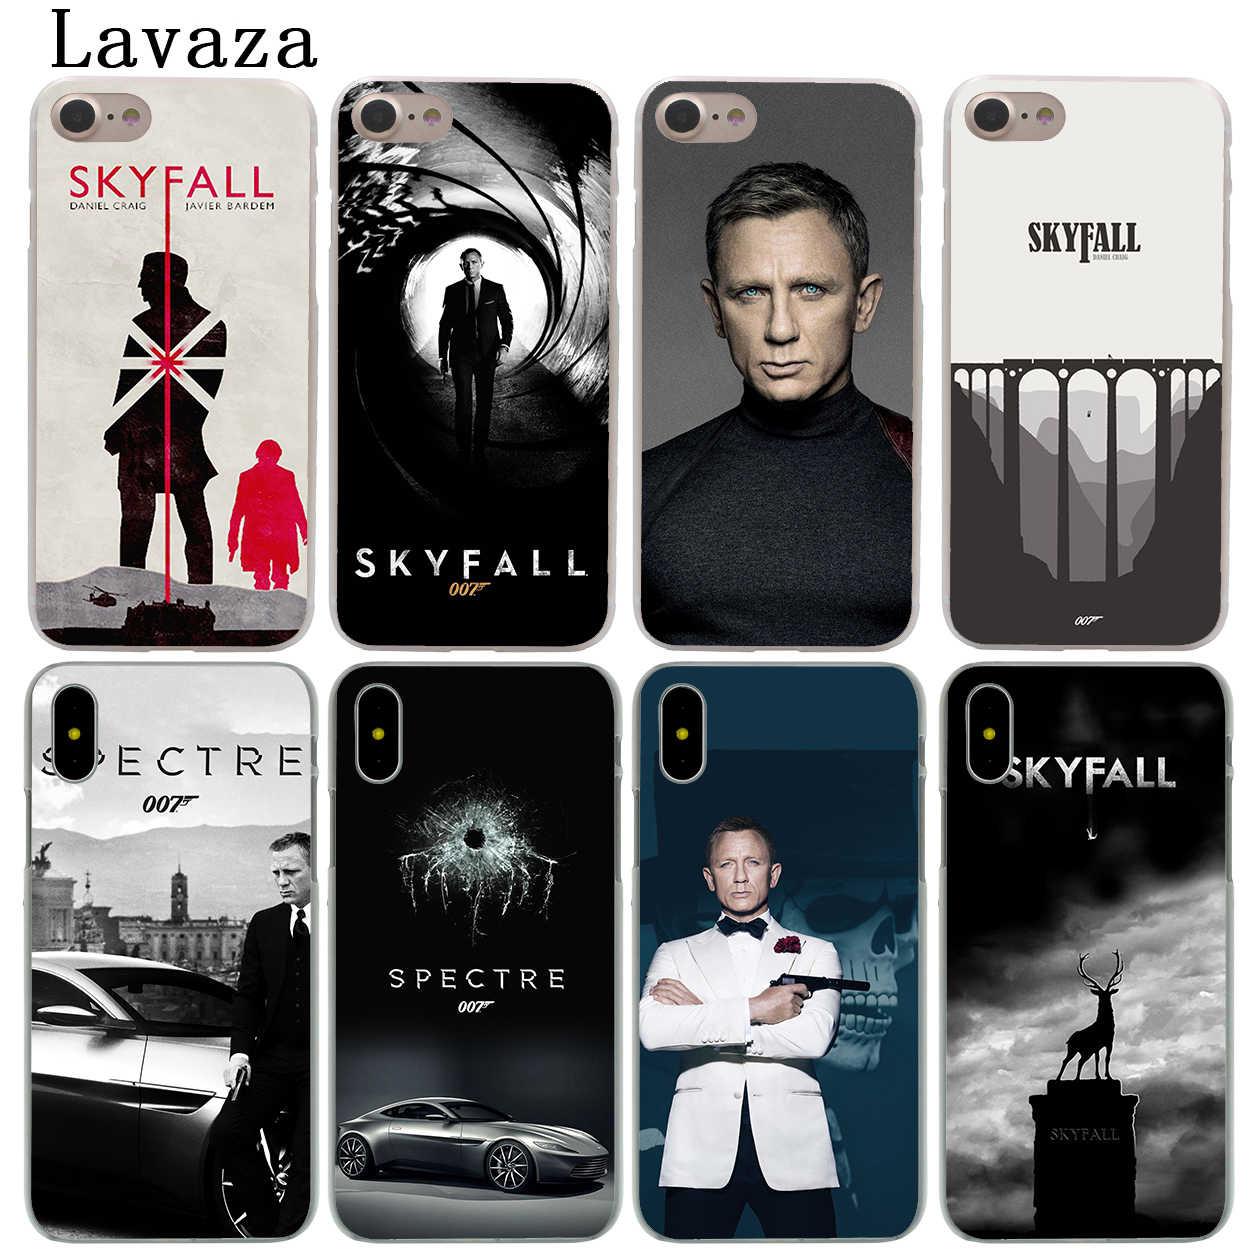 Lavaza 007 Spectre James Bond Skyfall coque de téléphone rigide pour iPhone XR X 11 Pro XS Max 7 8 6 6S 5 5S SE 4S 4 10 couverture